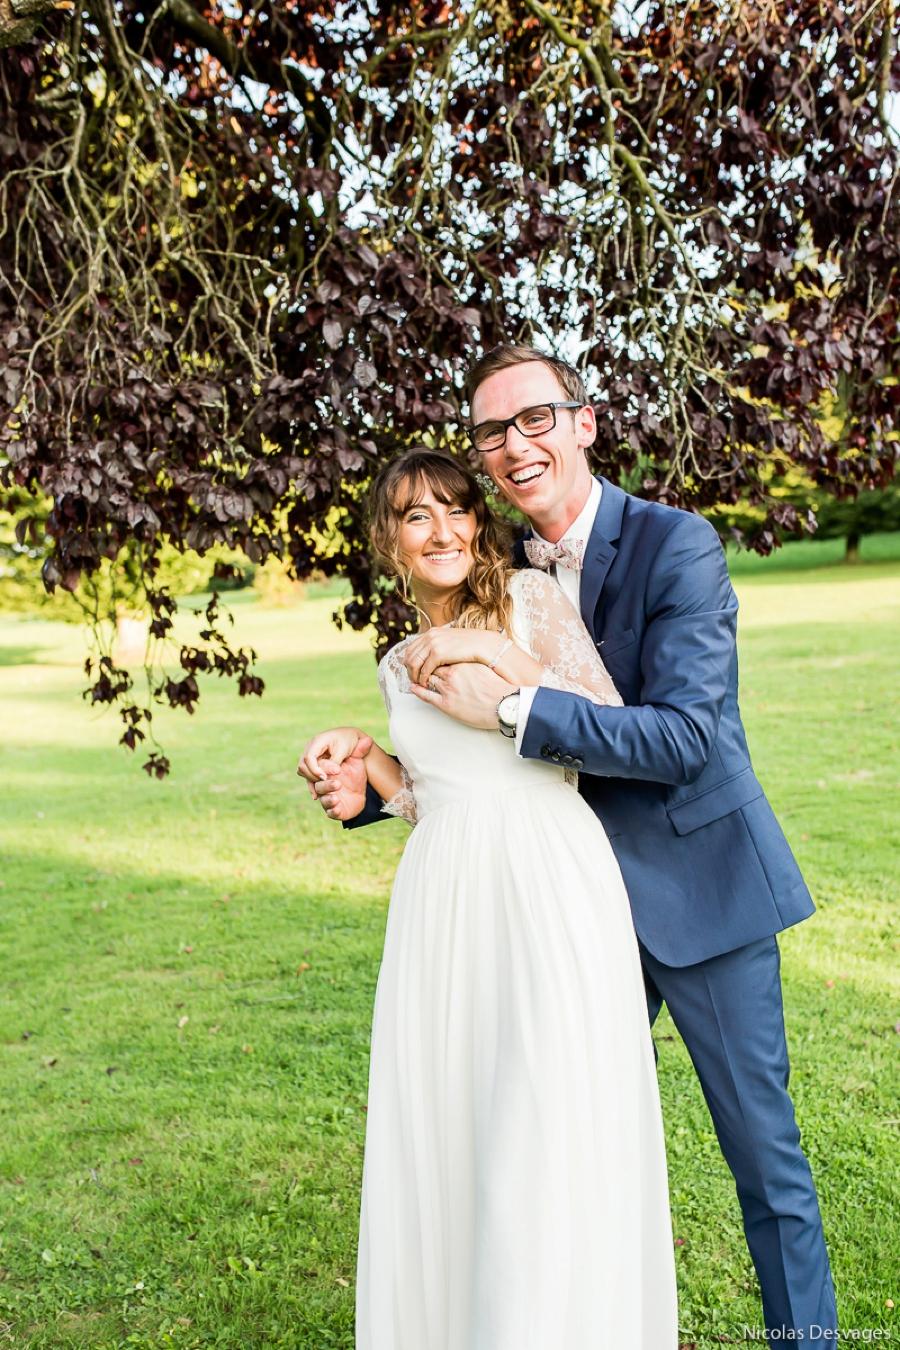 reportage-mariage-manoir-carabillon-mathieu_0059.jpg